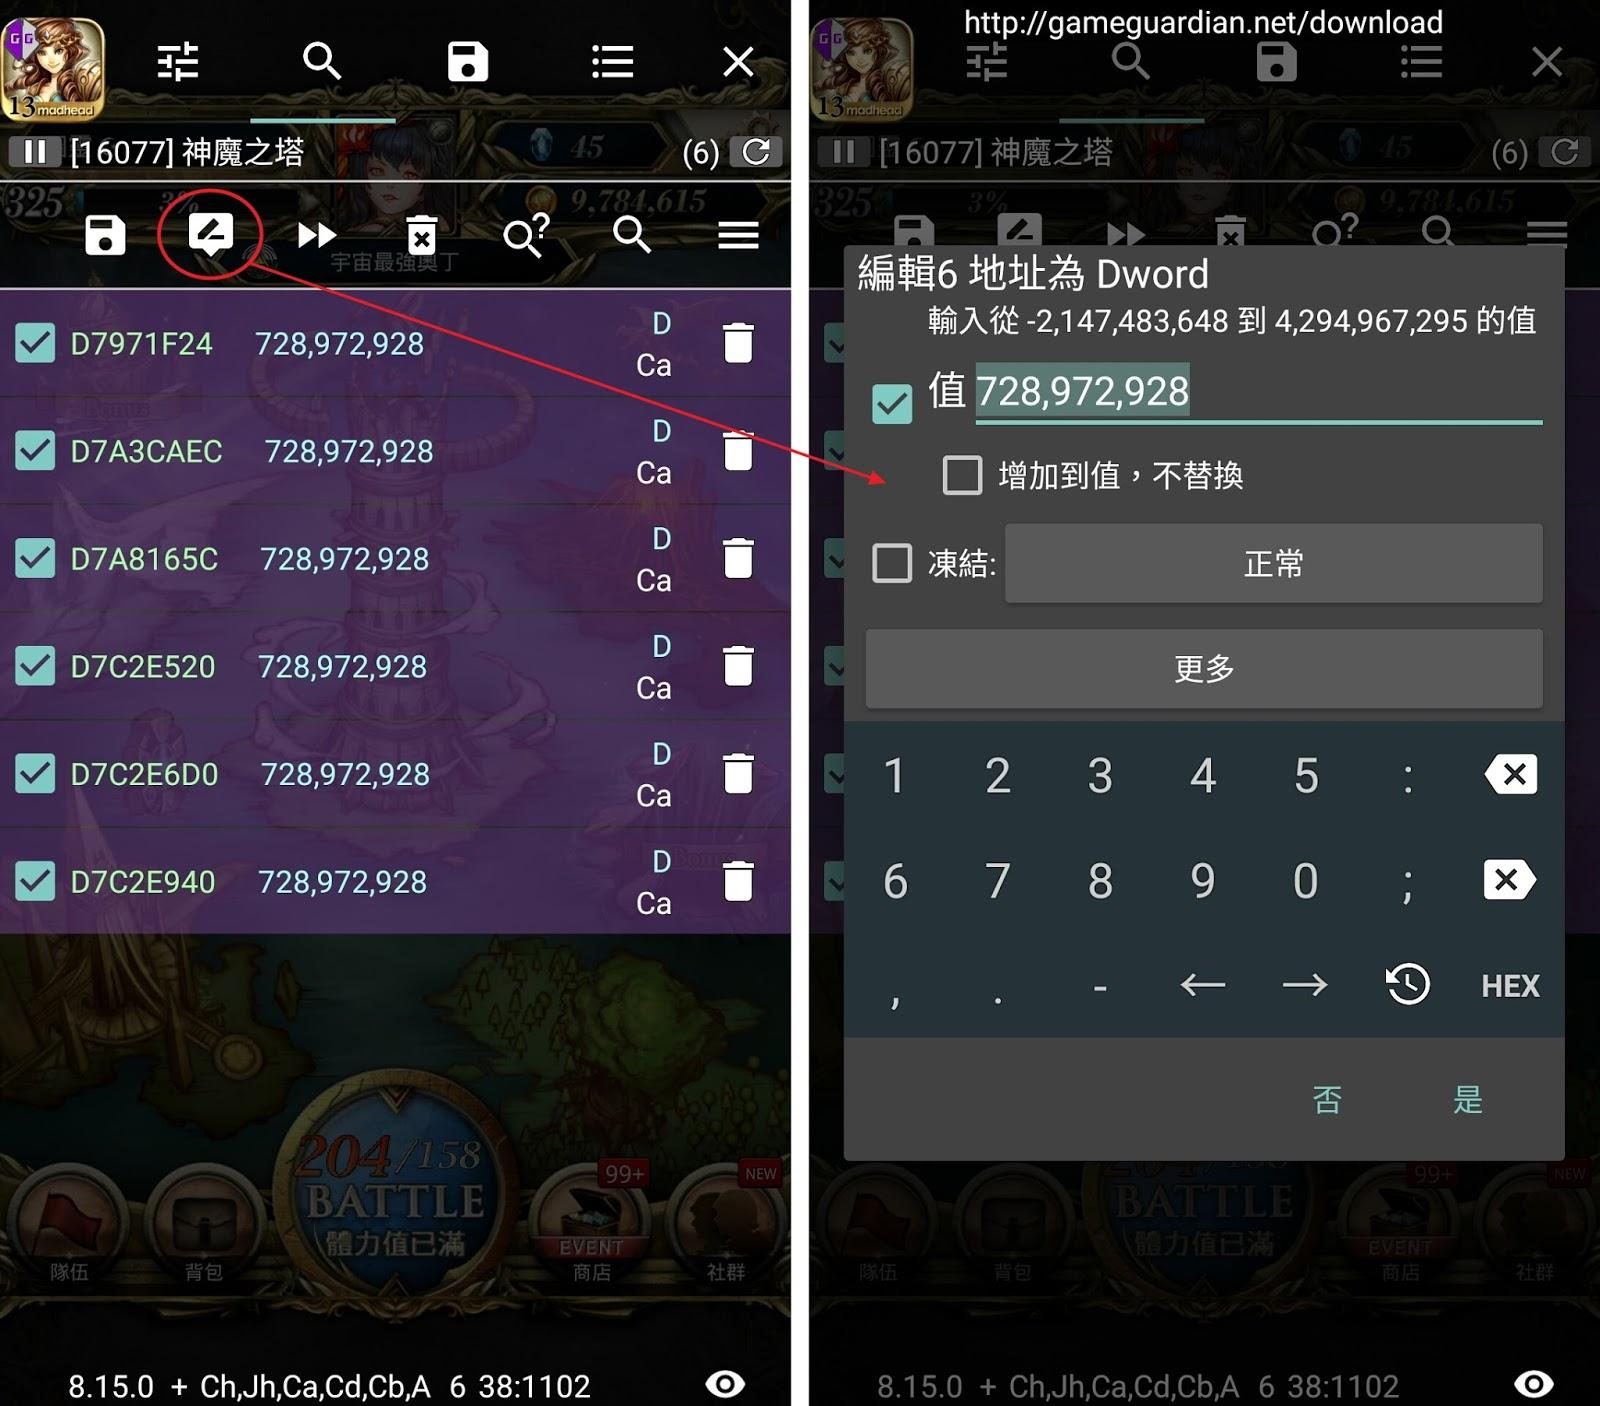 Screenshot 20170505 181347 - 《GameGuardian》最新手遊作弊修改器,還可當加速器、支援安卓6.0以上